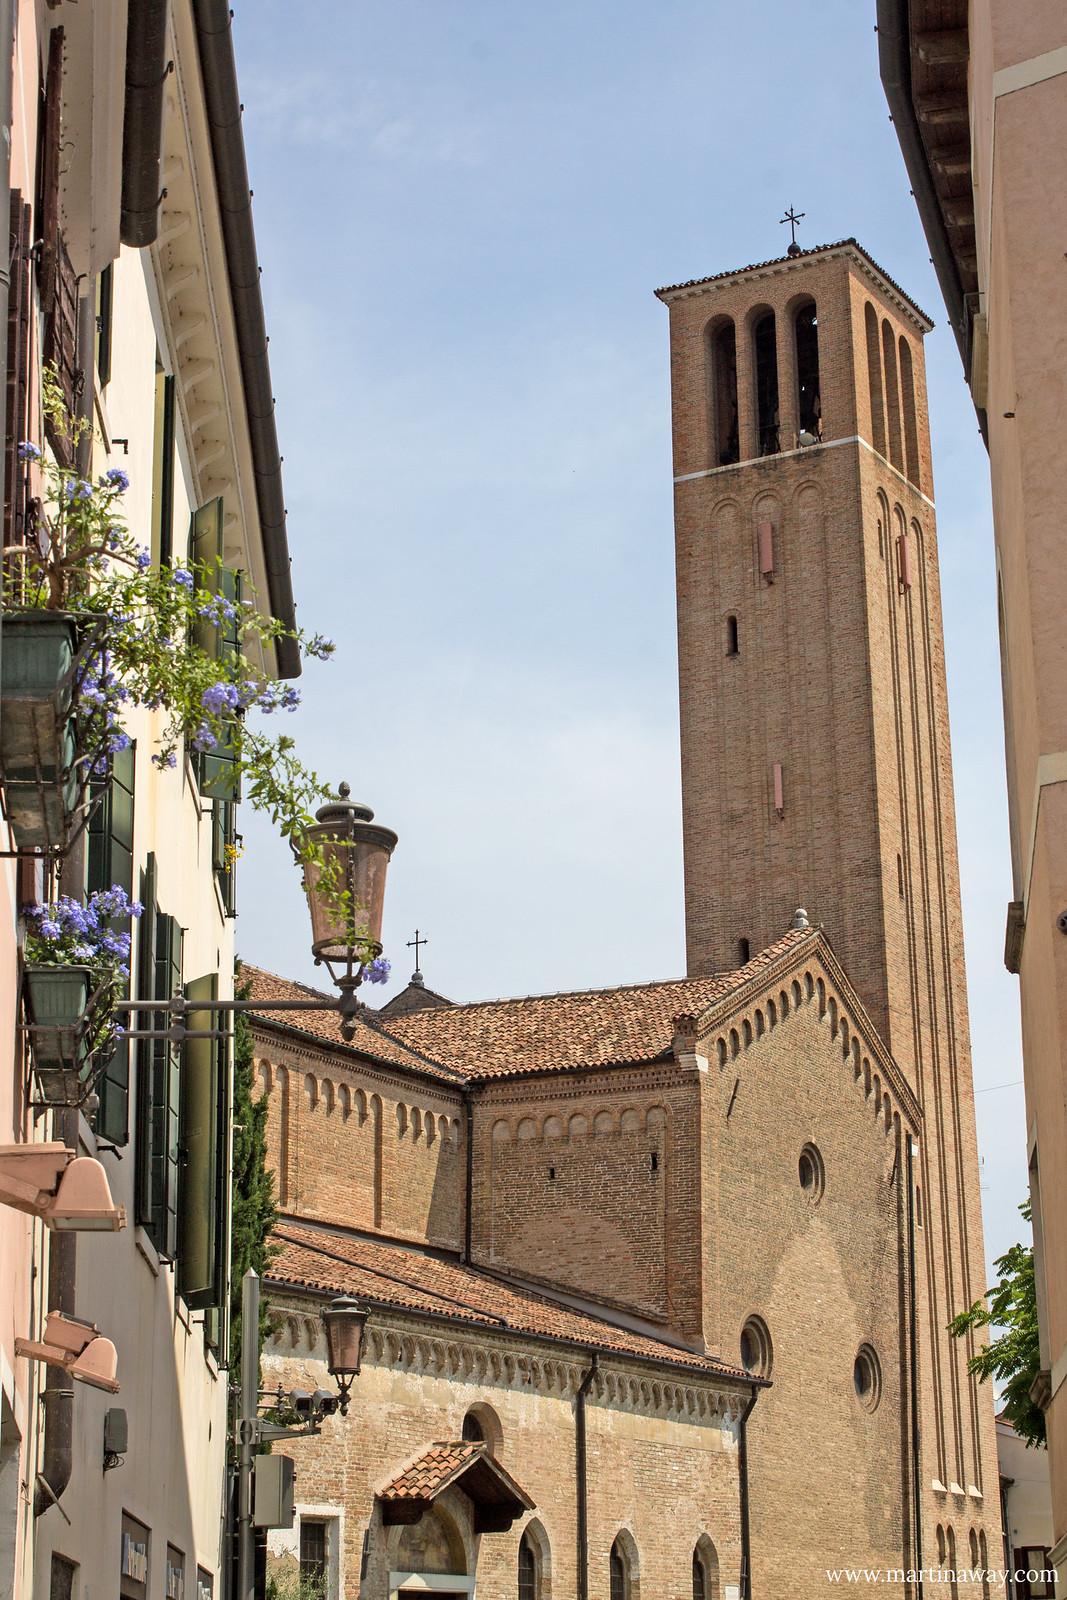 Chiesa di San Francesco, Treviso cosa vedere